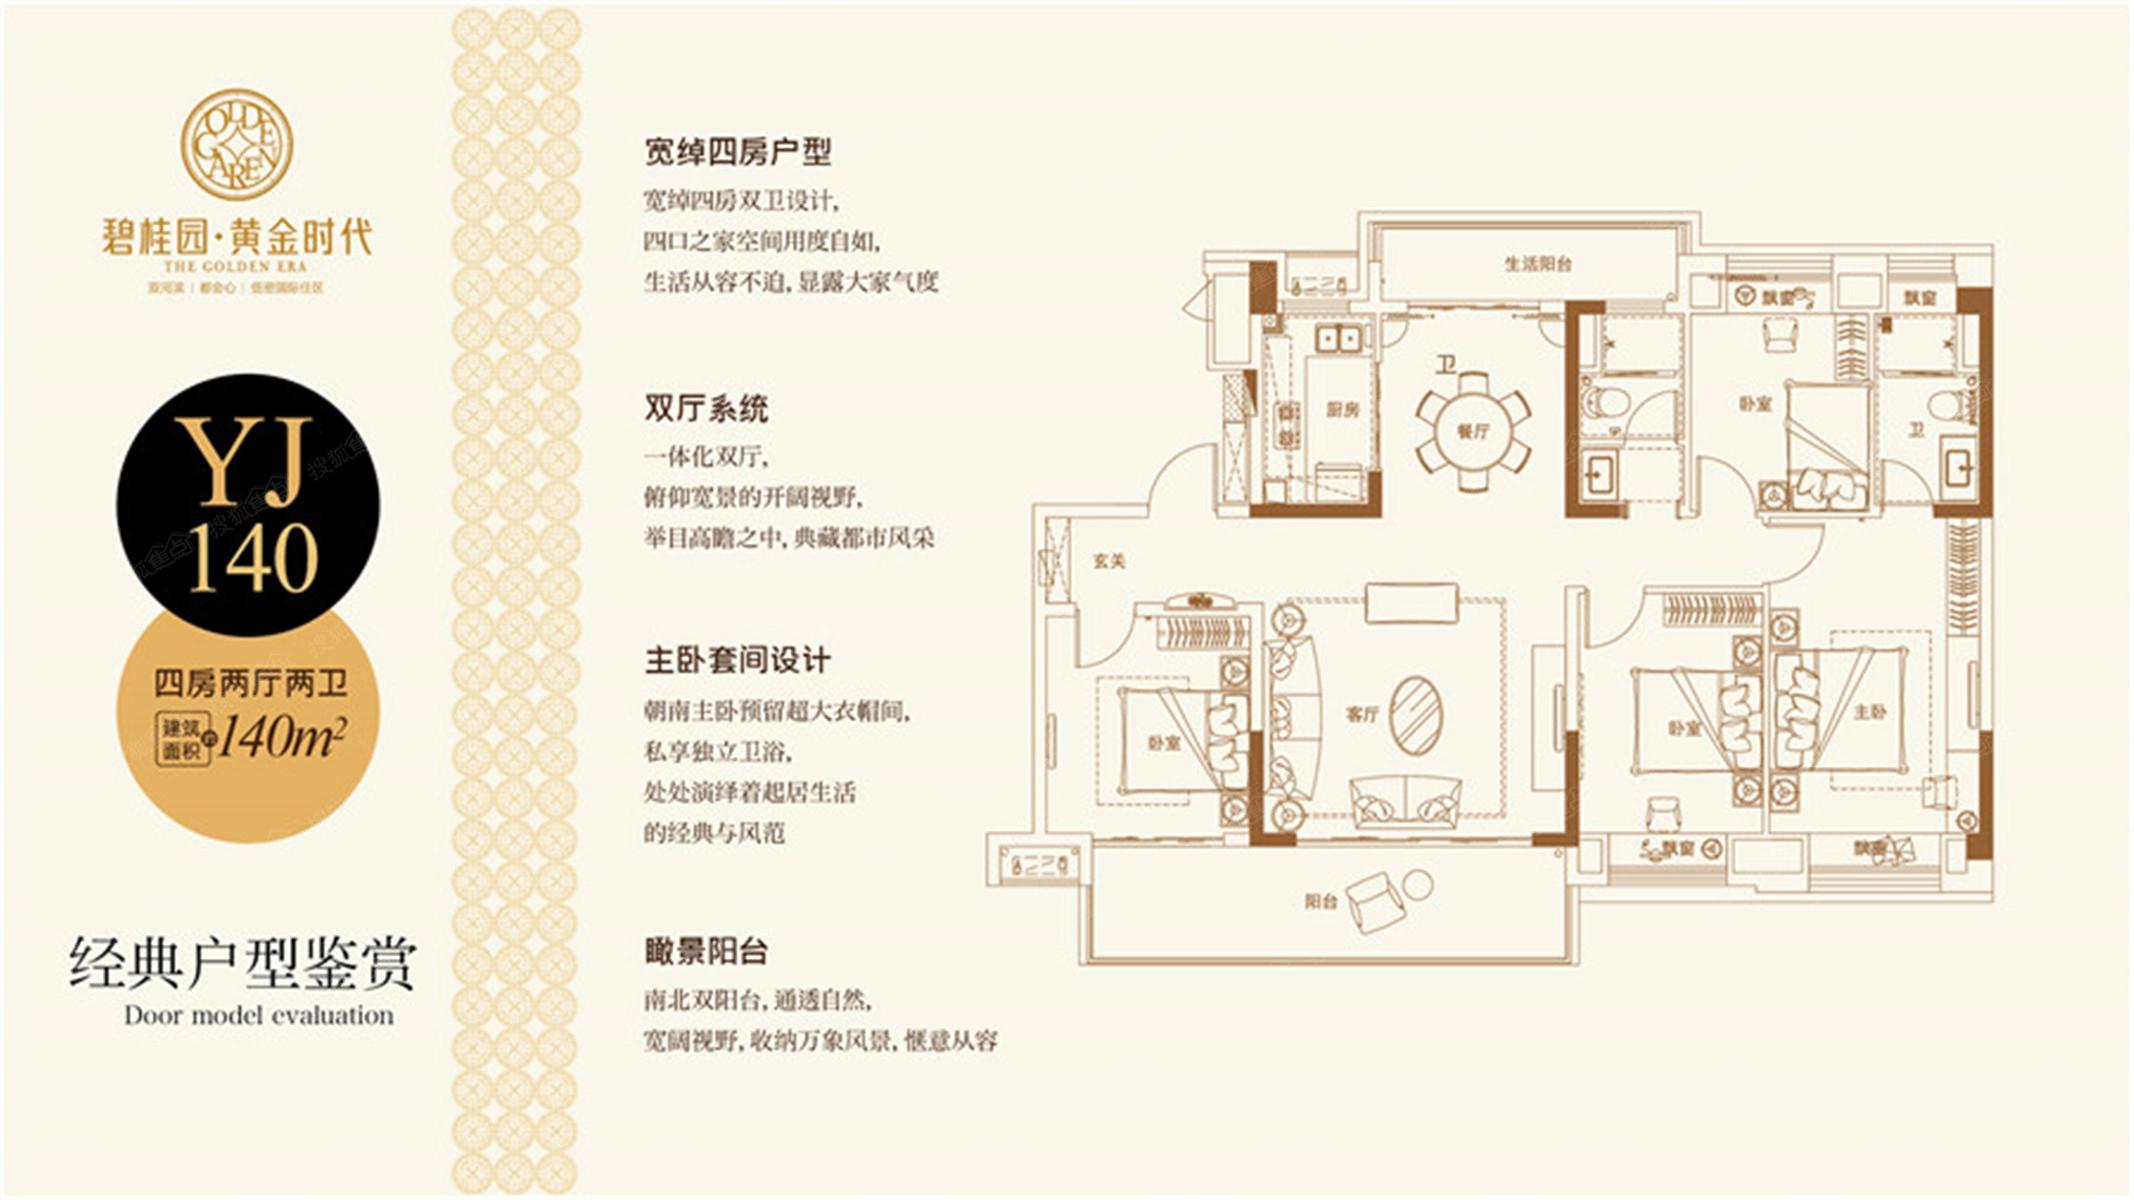 碧桂园 黄金时代四居室YJ140 碧桂园 黄金时代户型图 阜阳搜狐焦点网